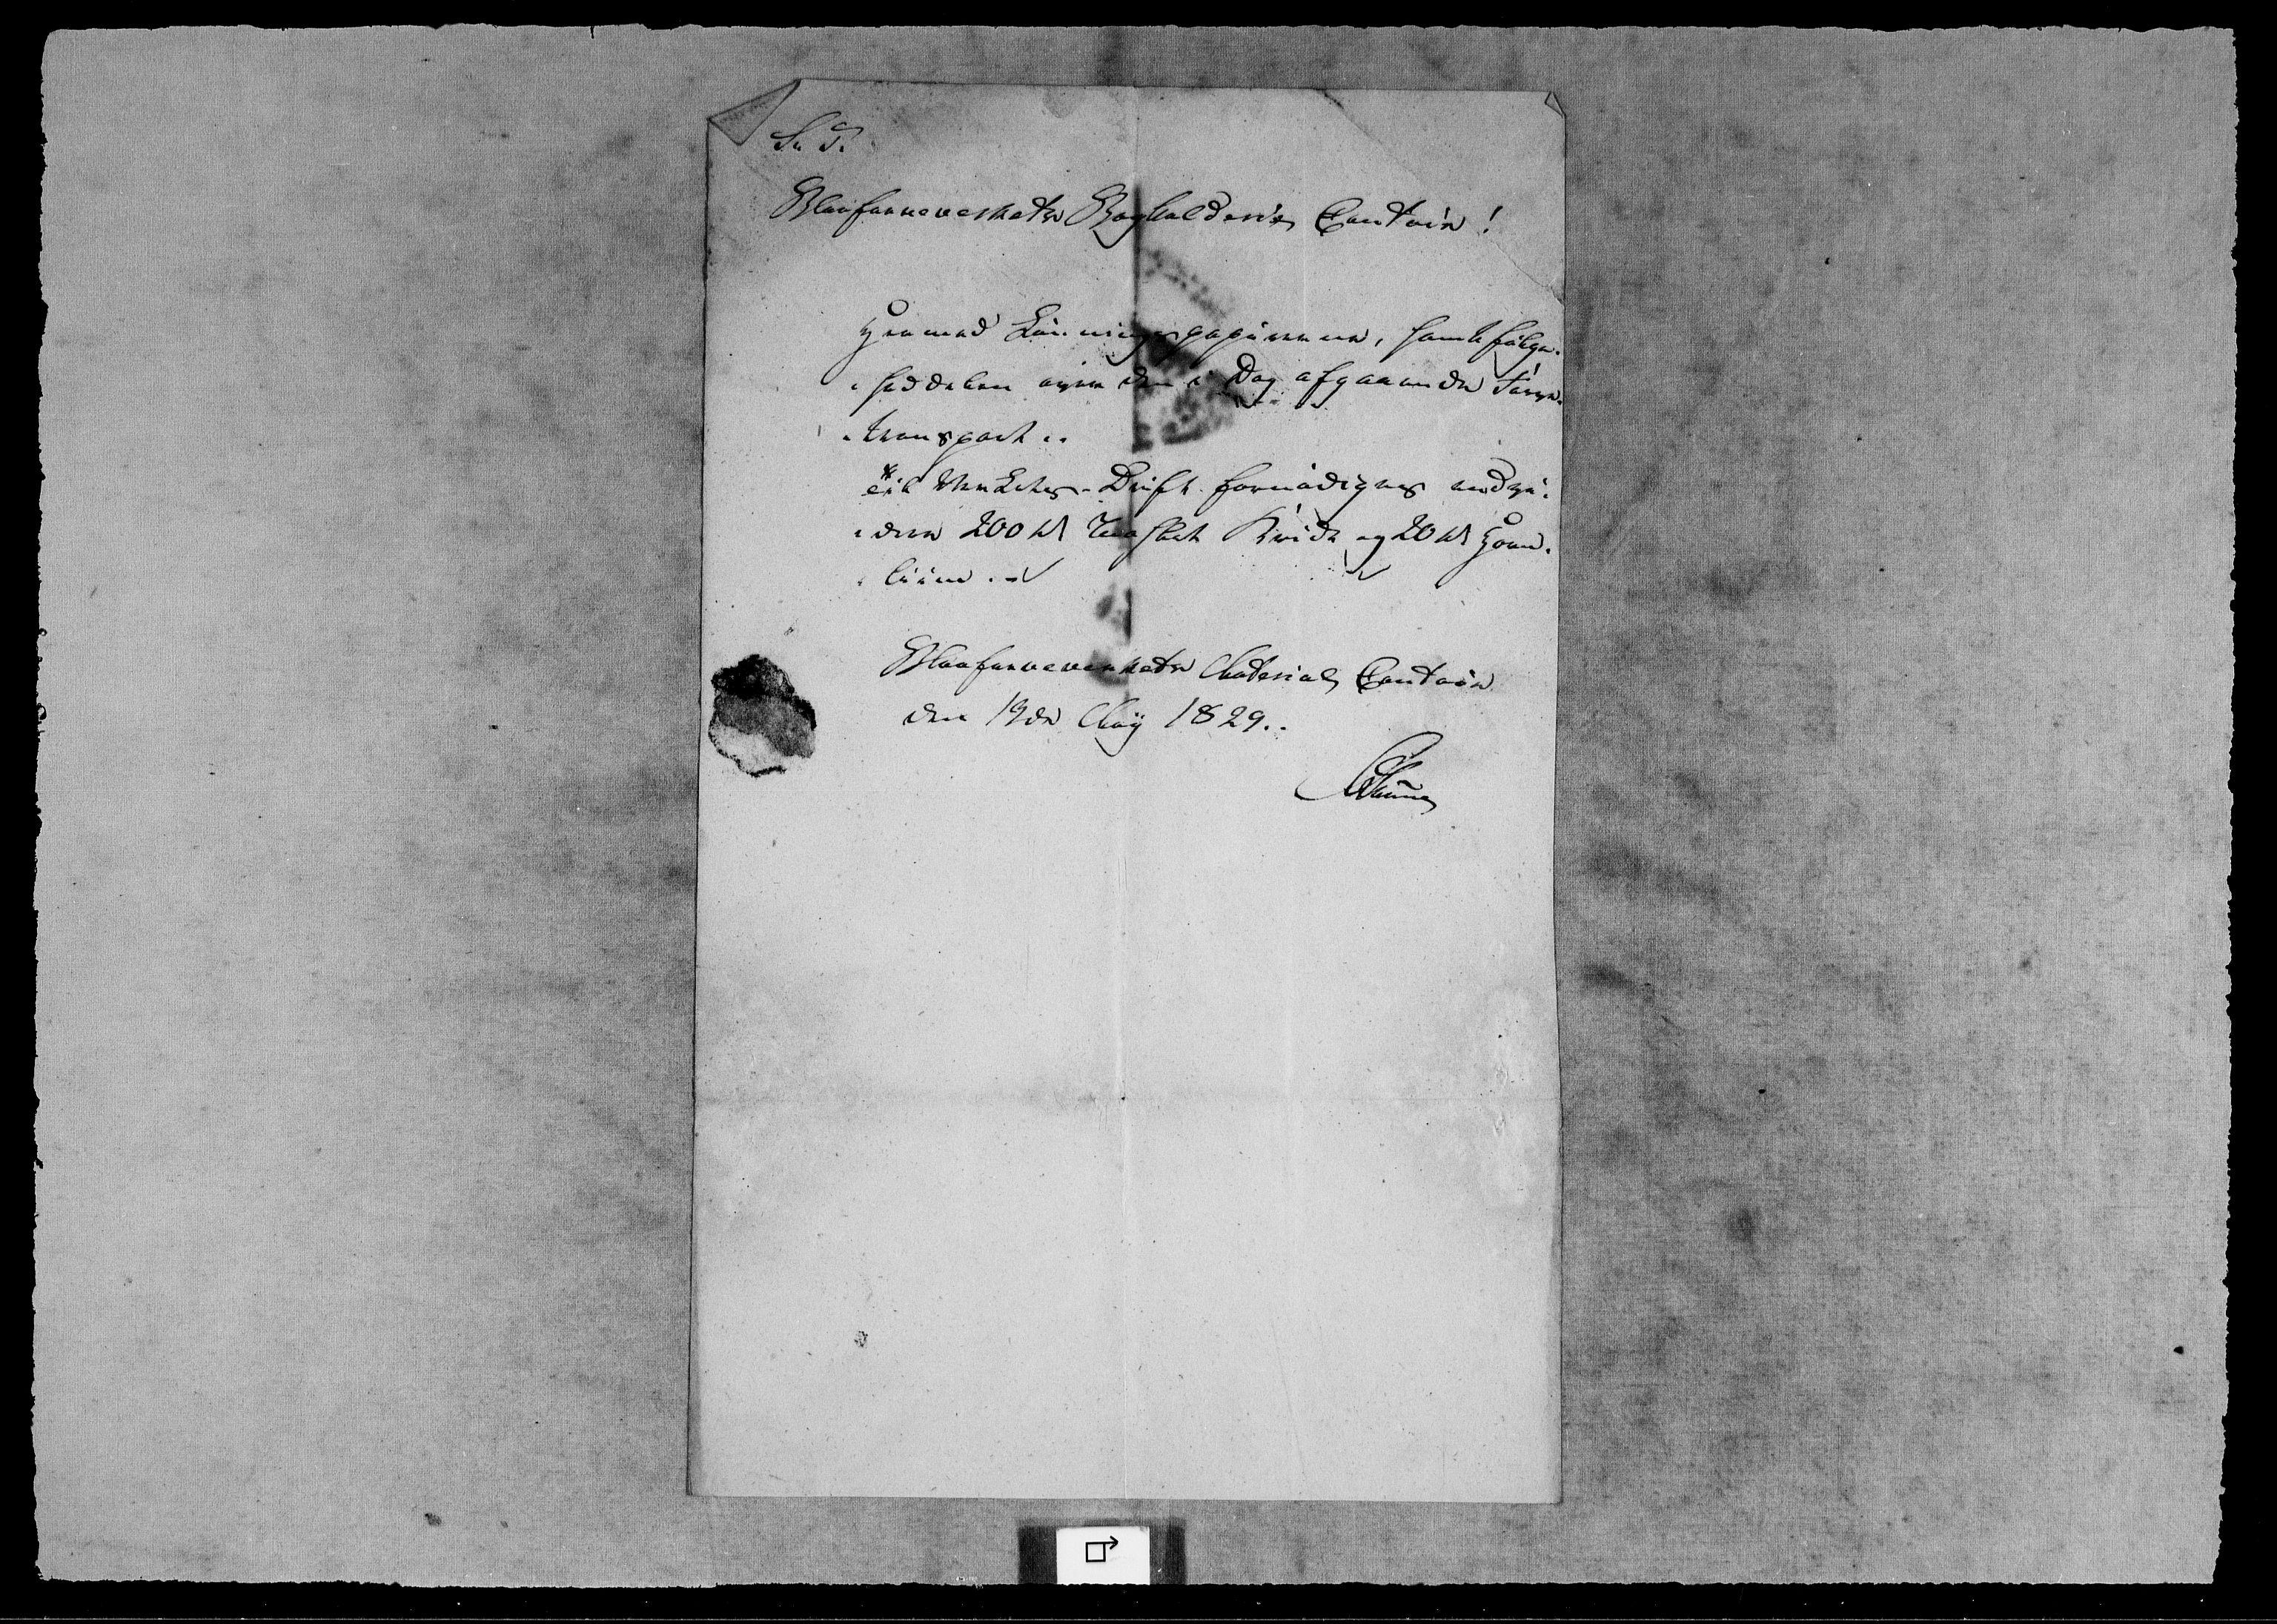 RA, Modums Blaafarveværk, G/Gb/L0138, 1829-1831, s. 2